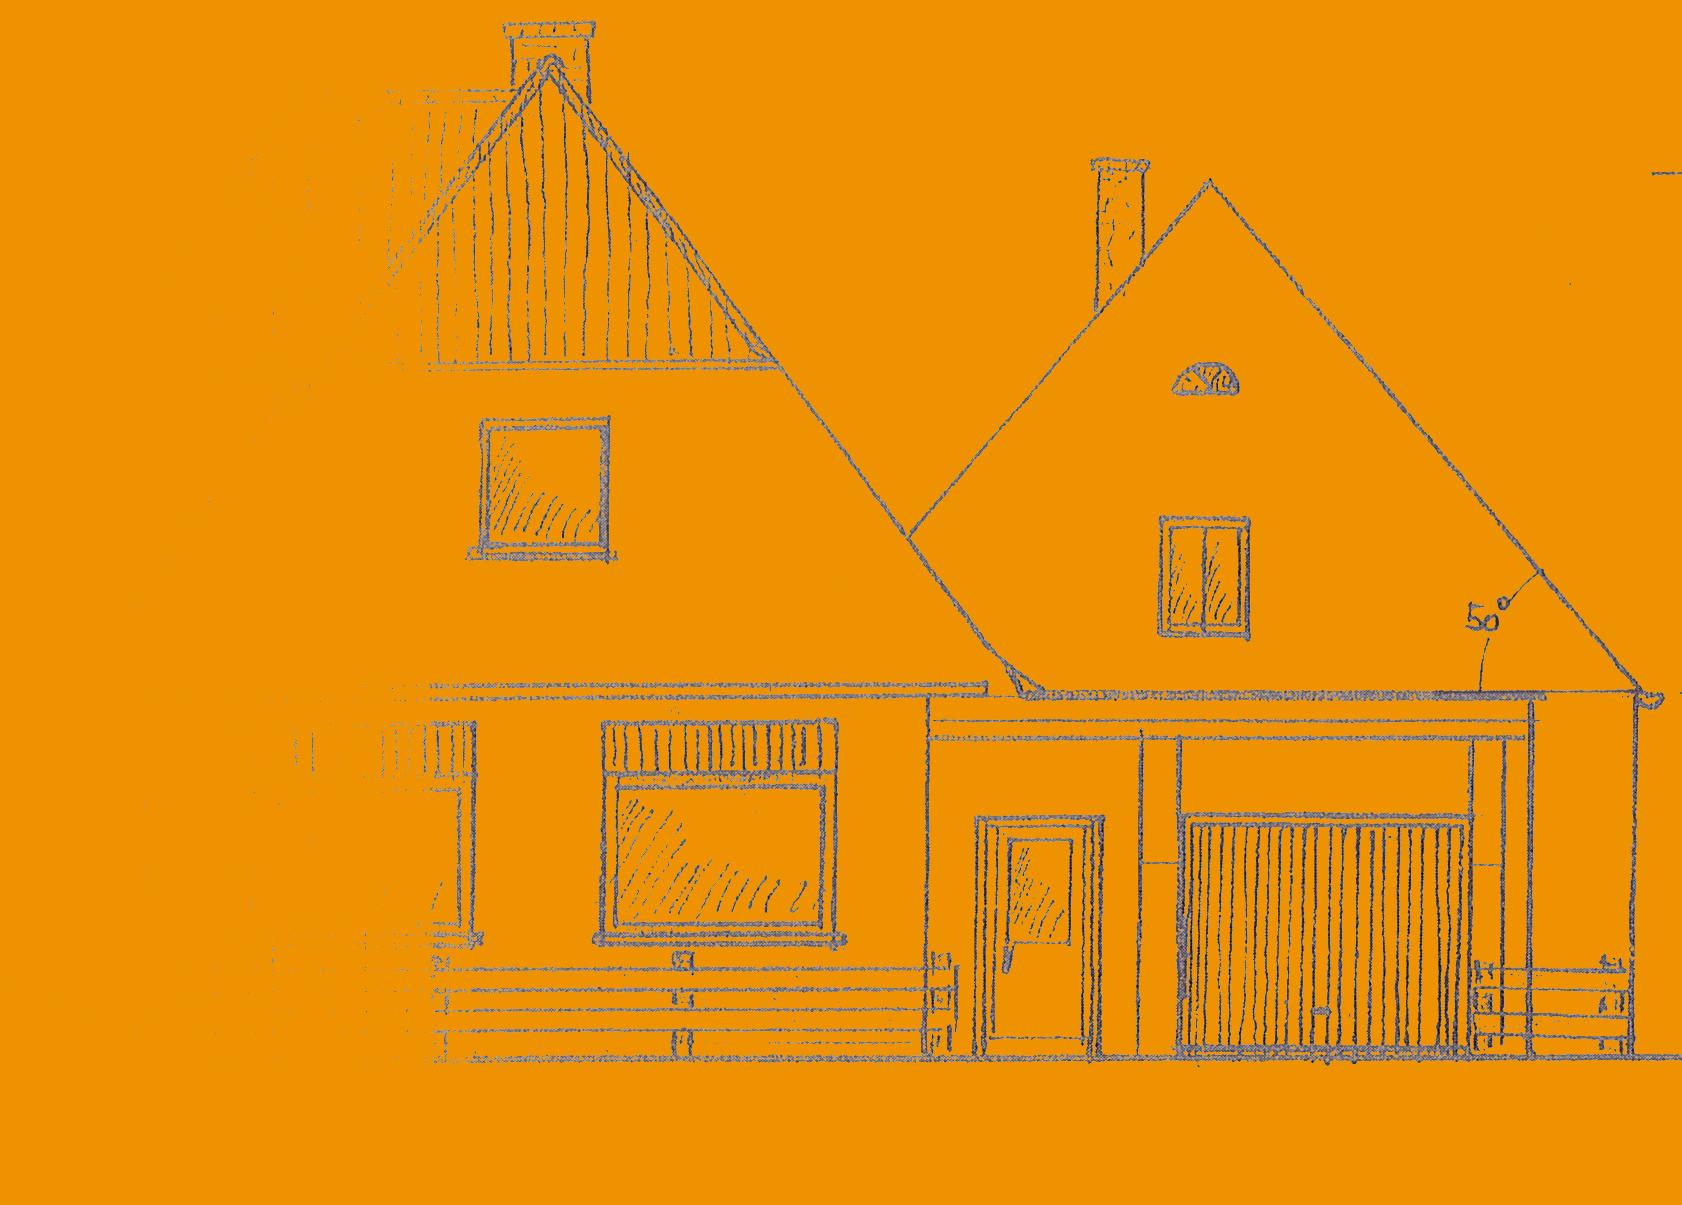 vorderansicht zeichnung zuschnitt gelbt stadtweltraum bremen. Black Bedroom Furniture Sets. Home Design Ideas